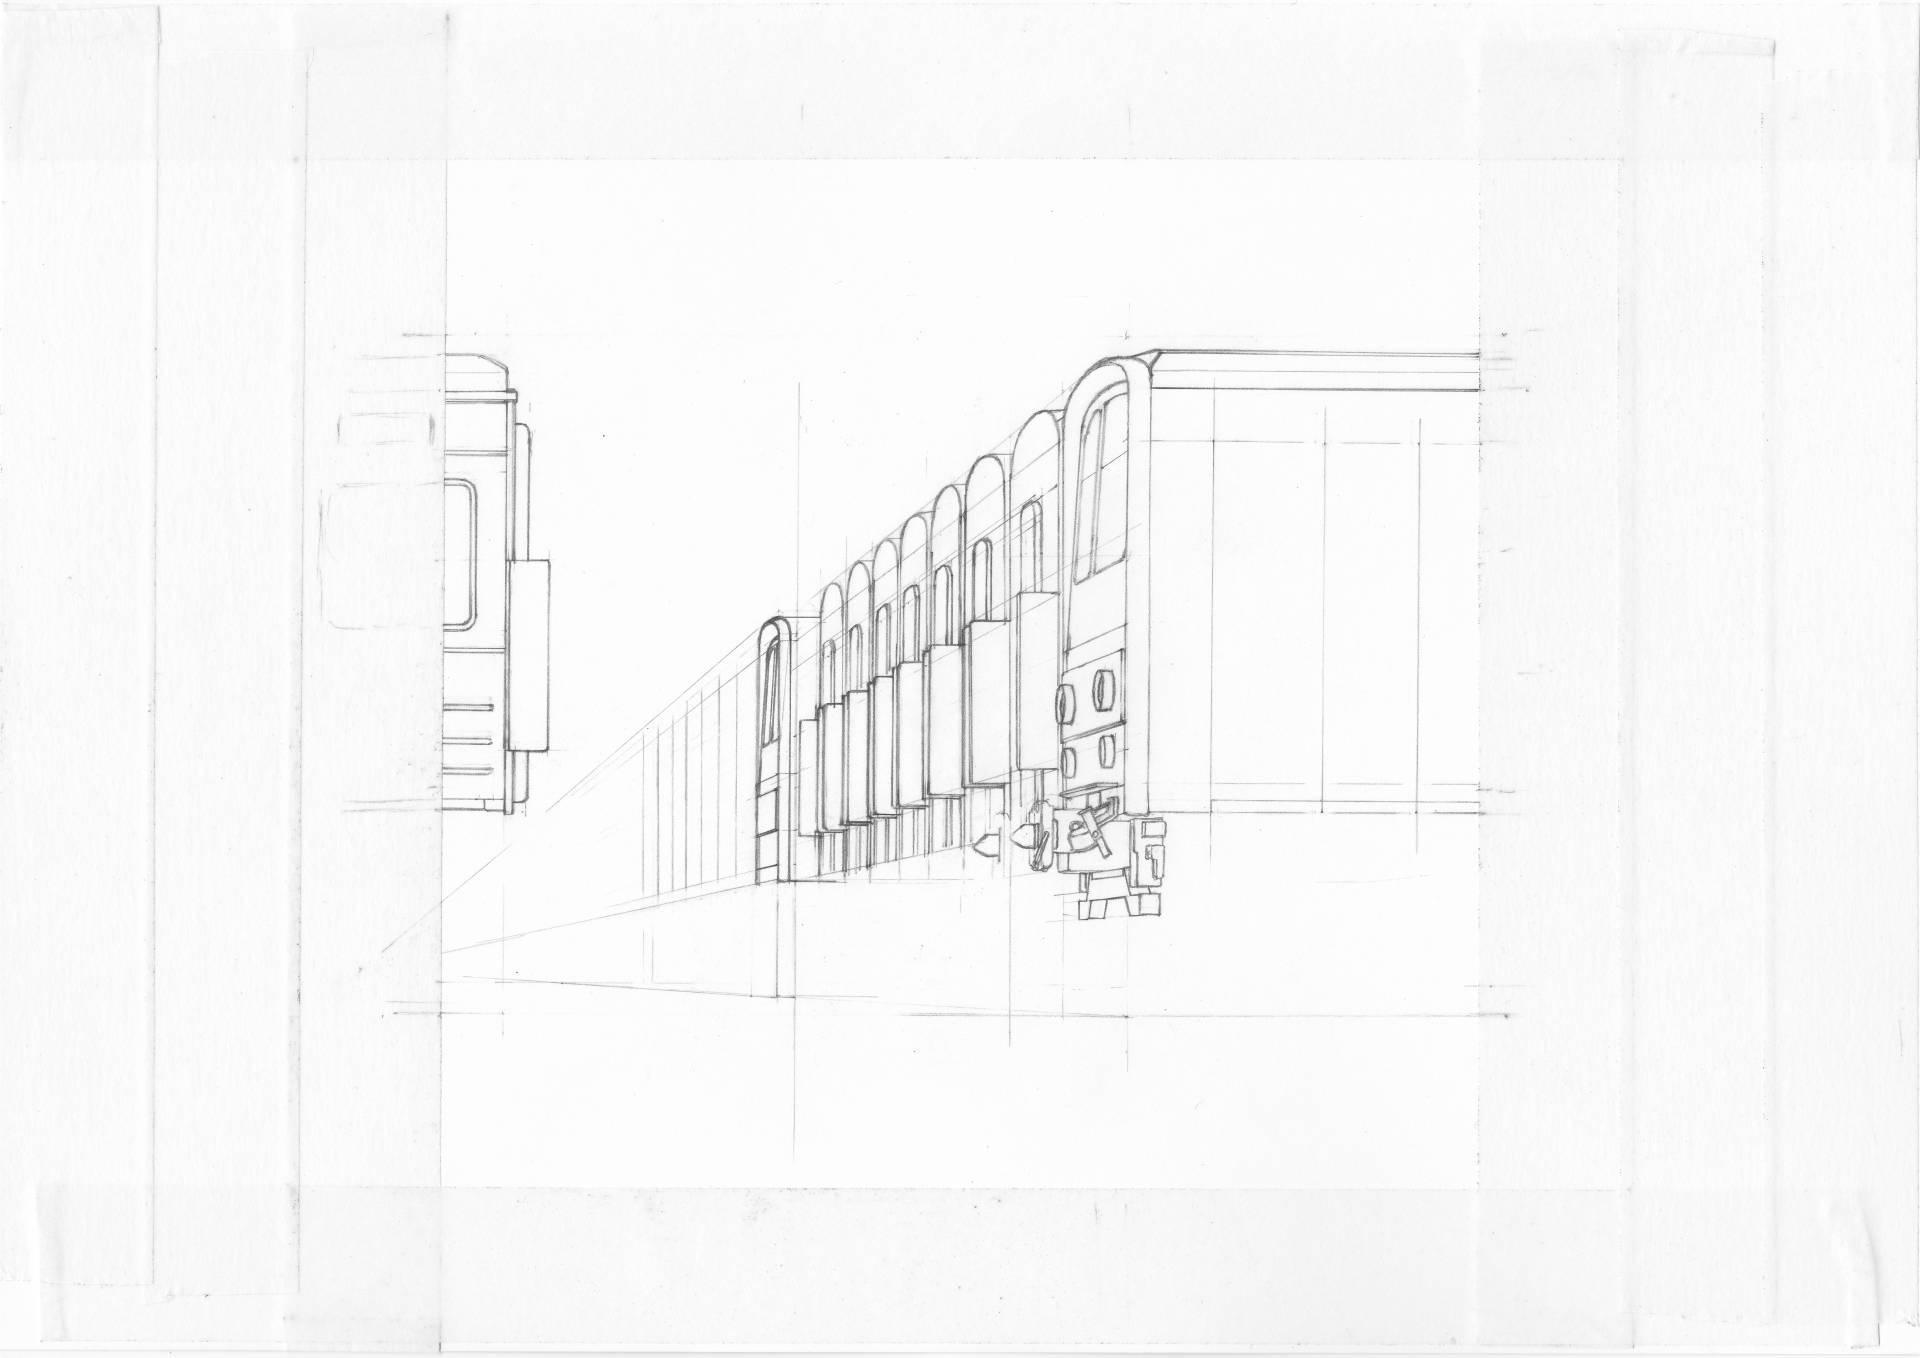 向かって左側の車両端部分を描き、構図変更を行った状態のイラスト